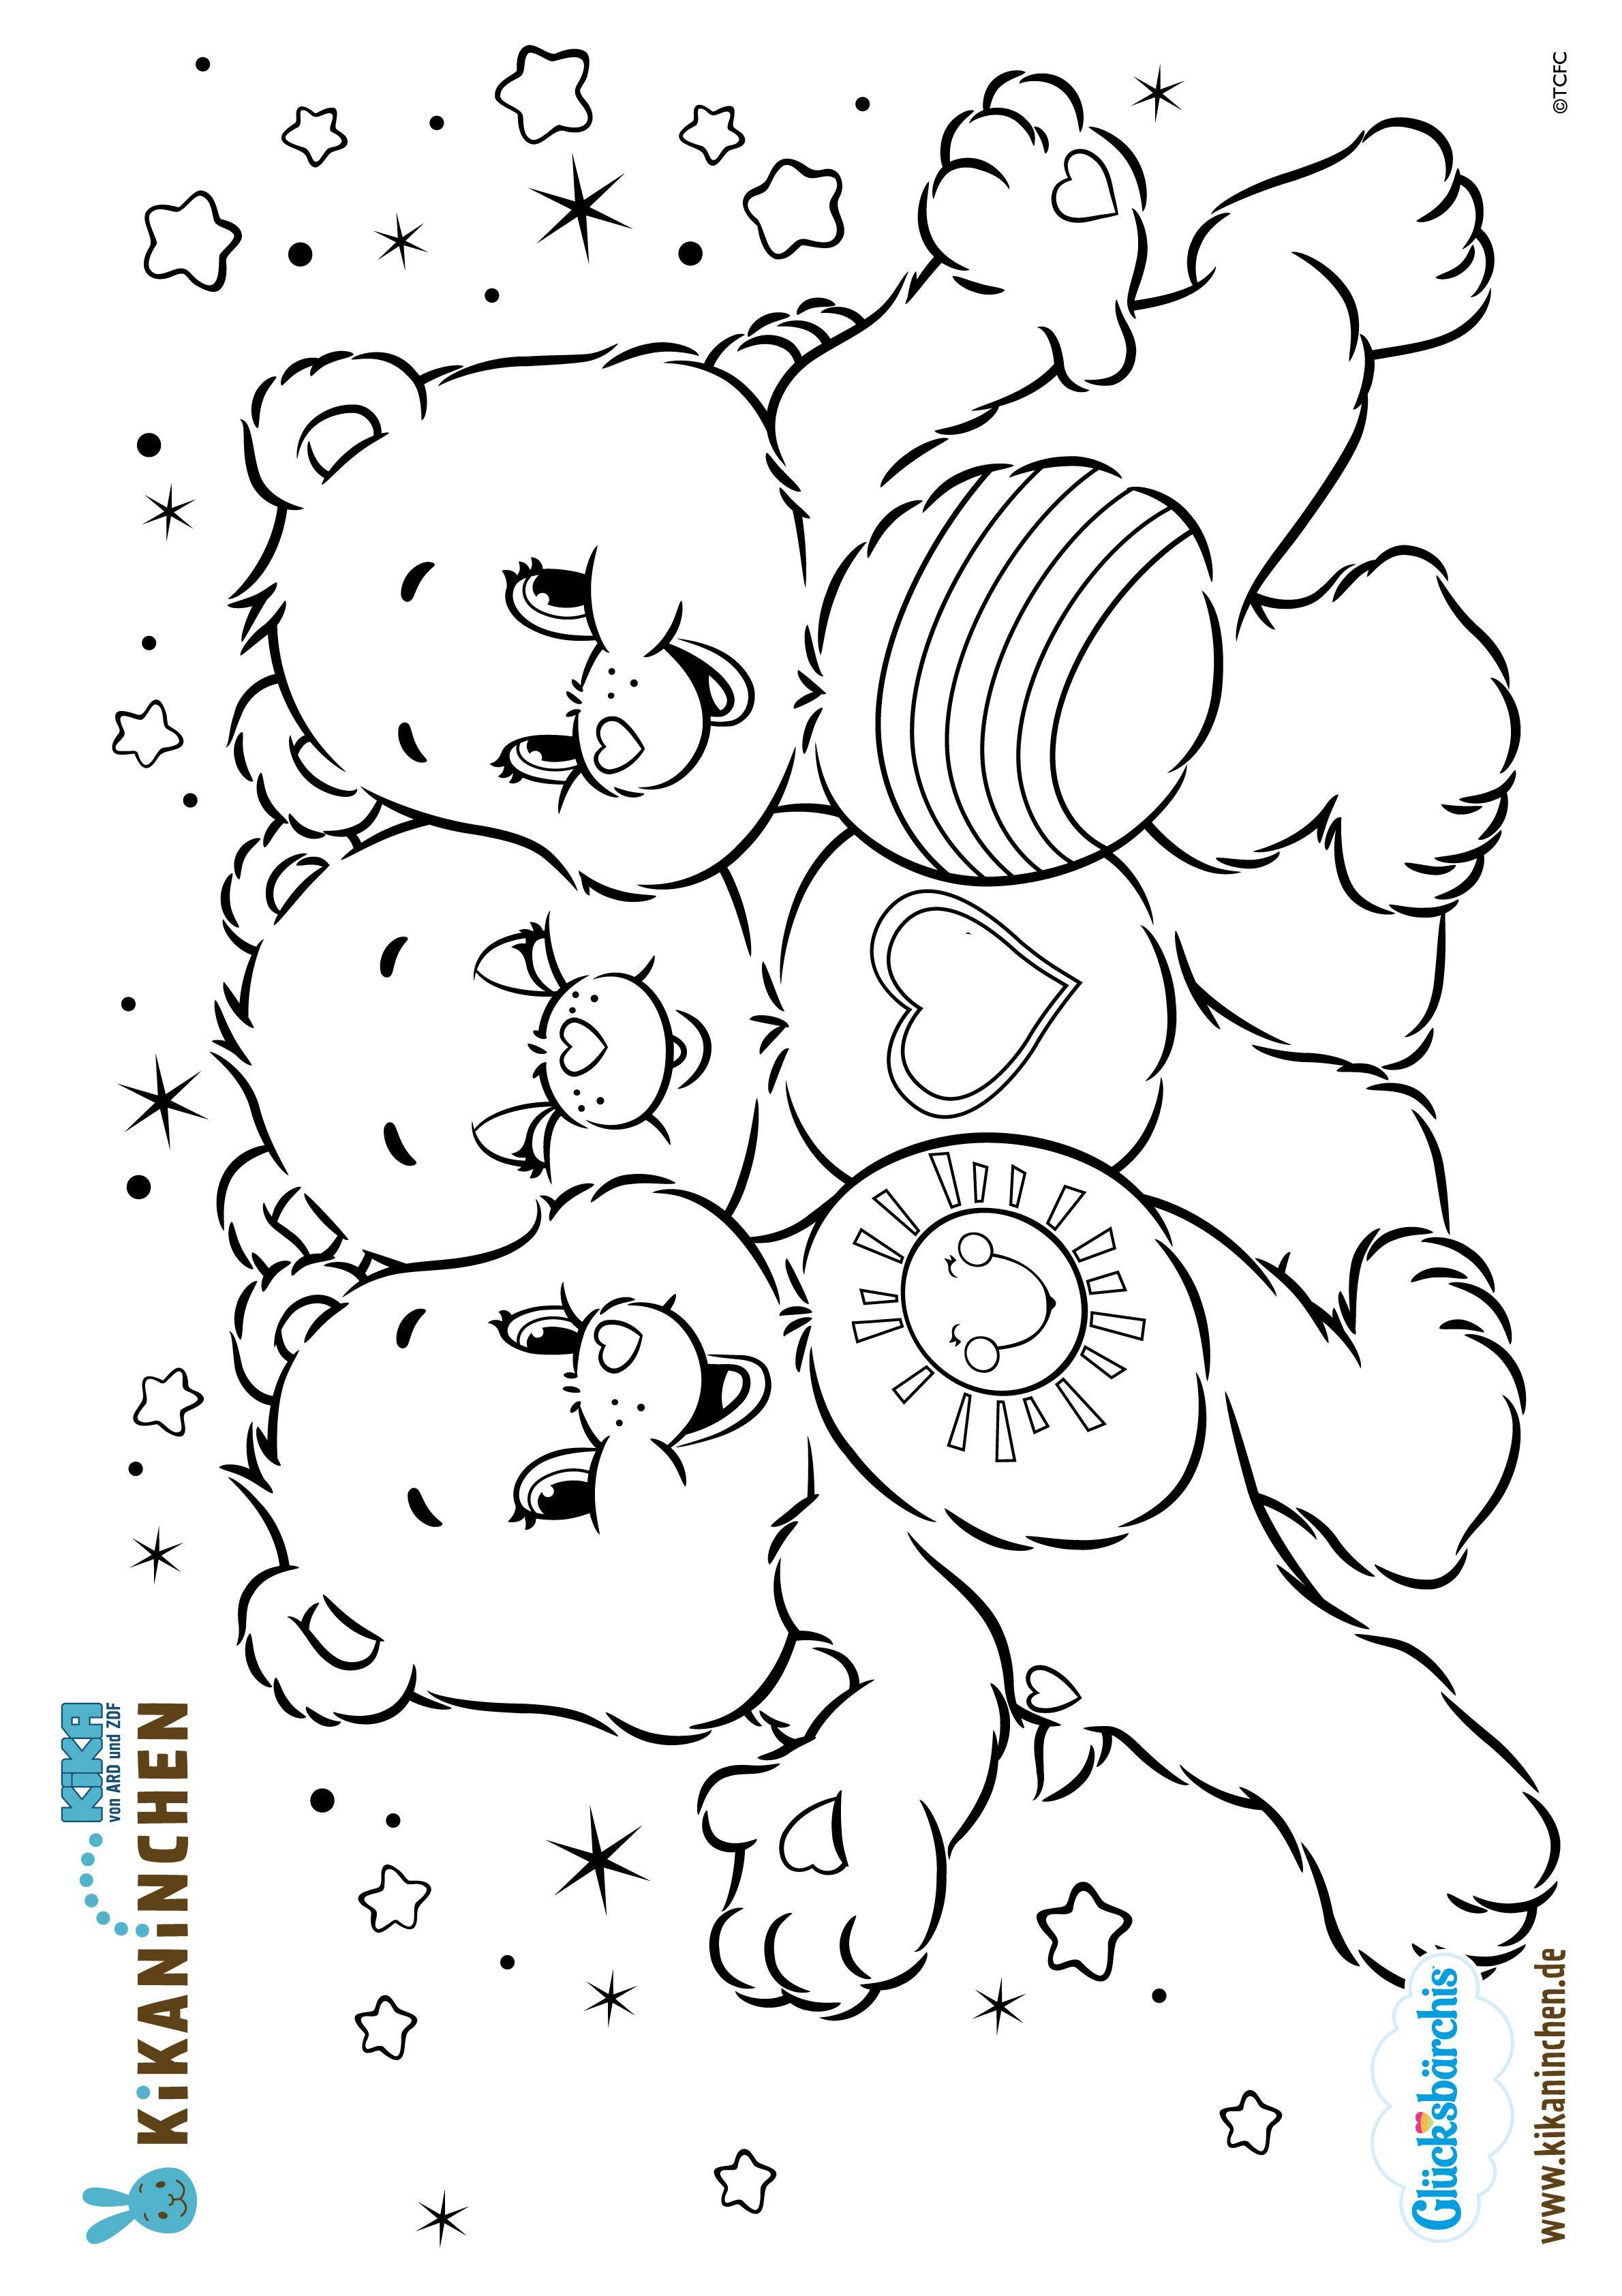 kika malvorlagen zum ausdrucken  tiffanylovesbooks